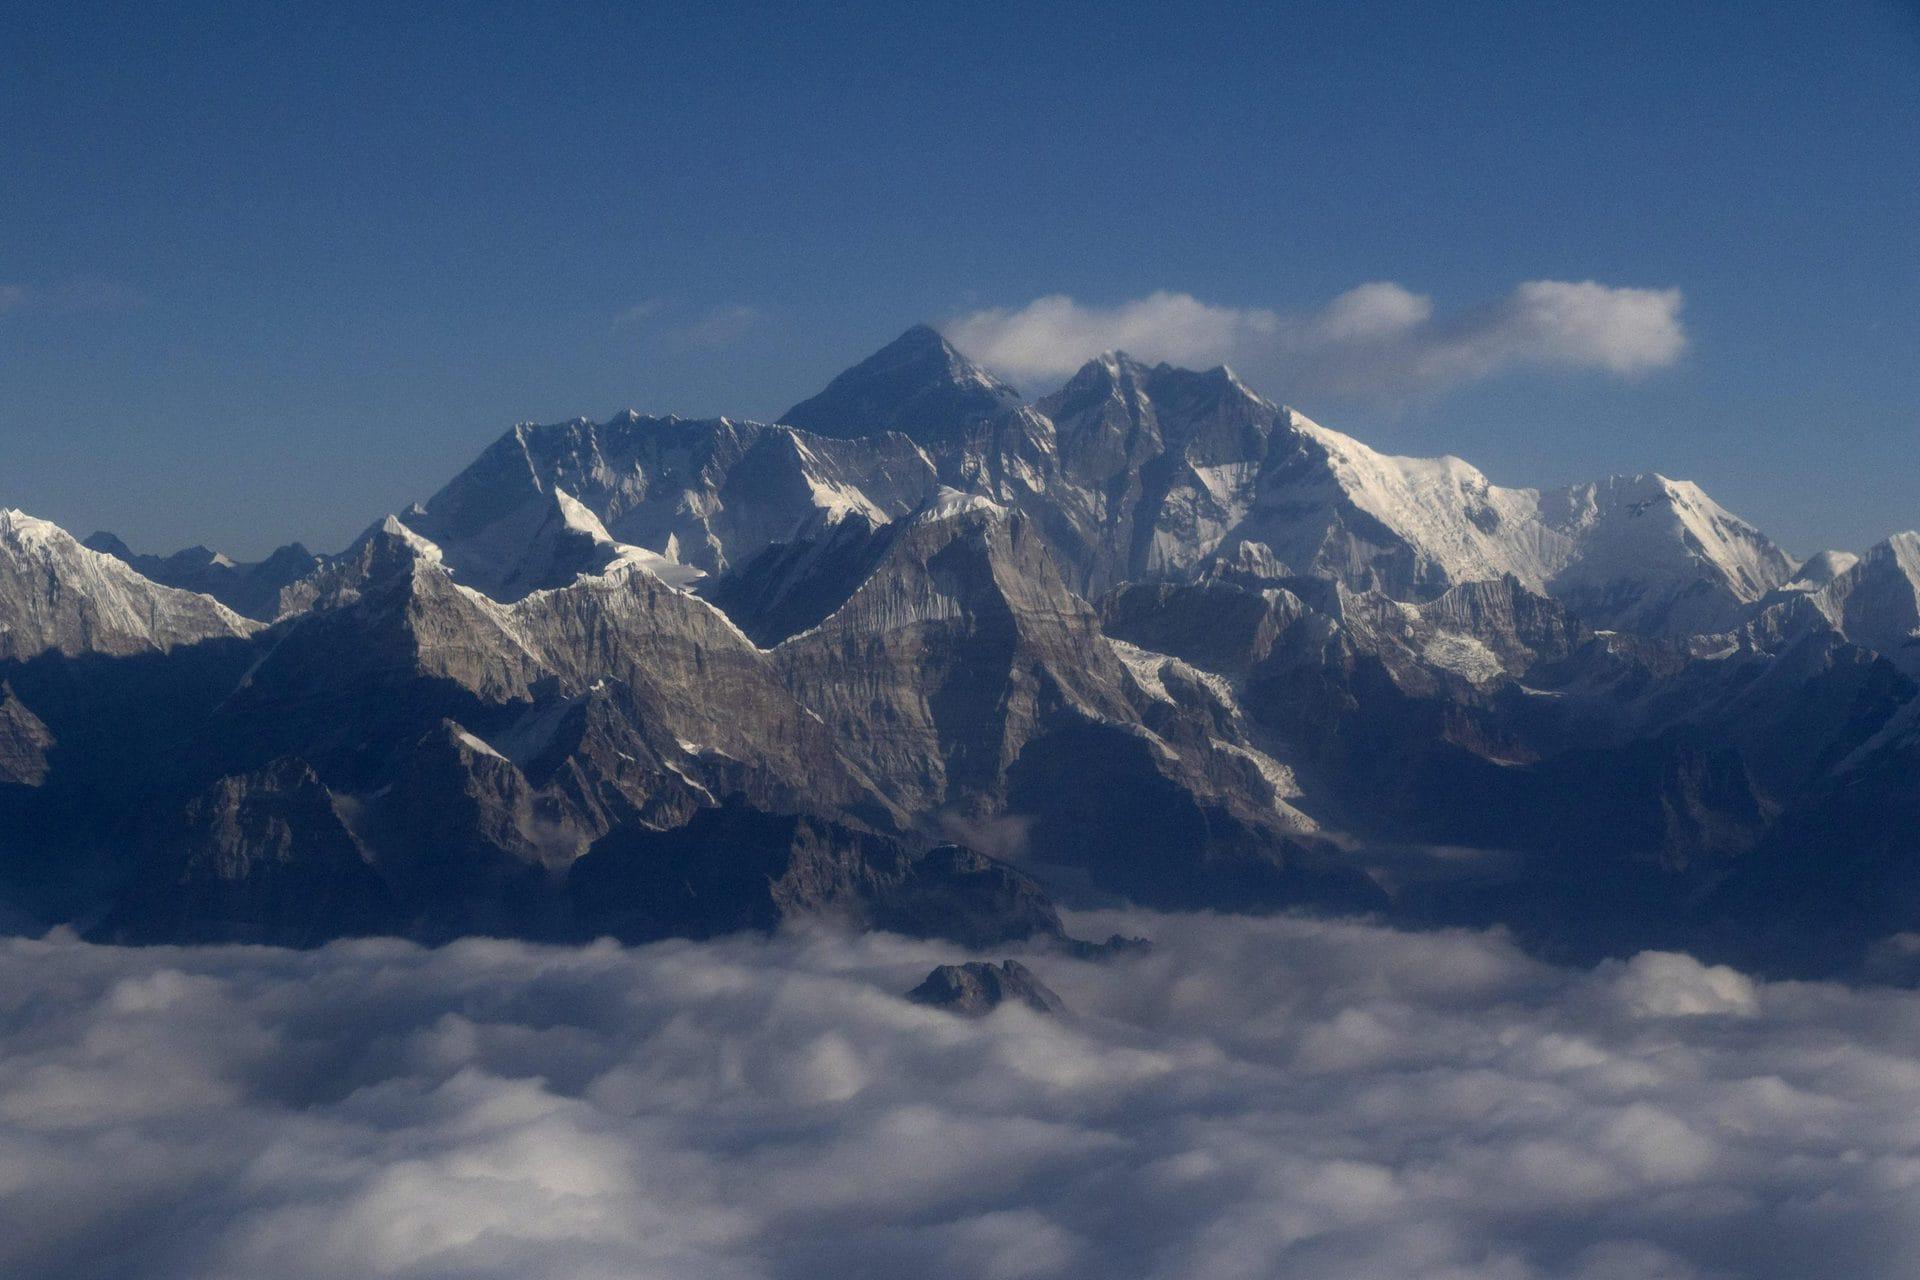 Mount Everest ist jetzt offiziell 86 Zentimeter höher Neue Berechnung